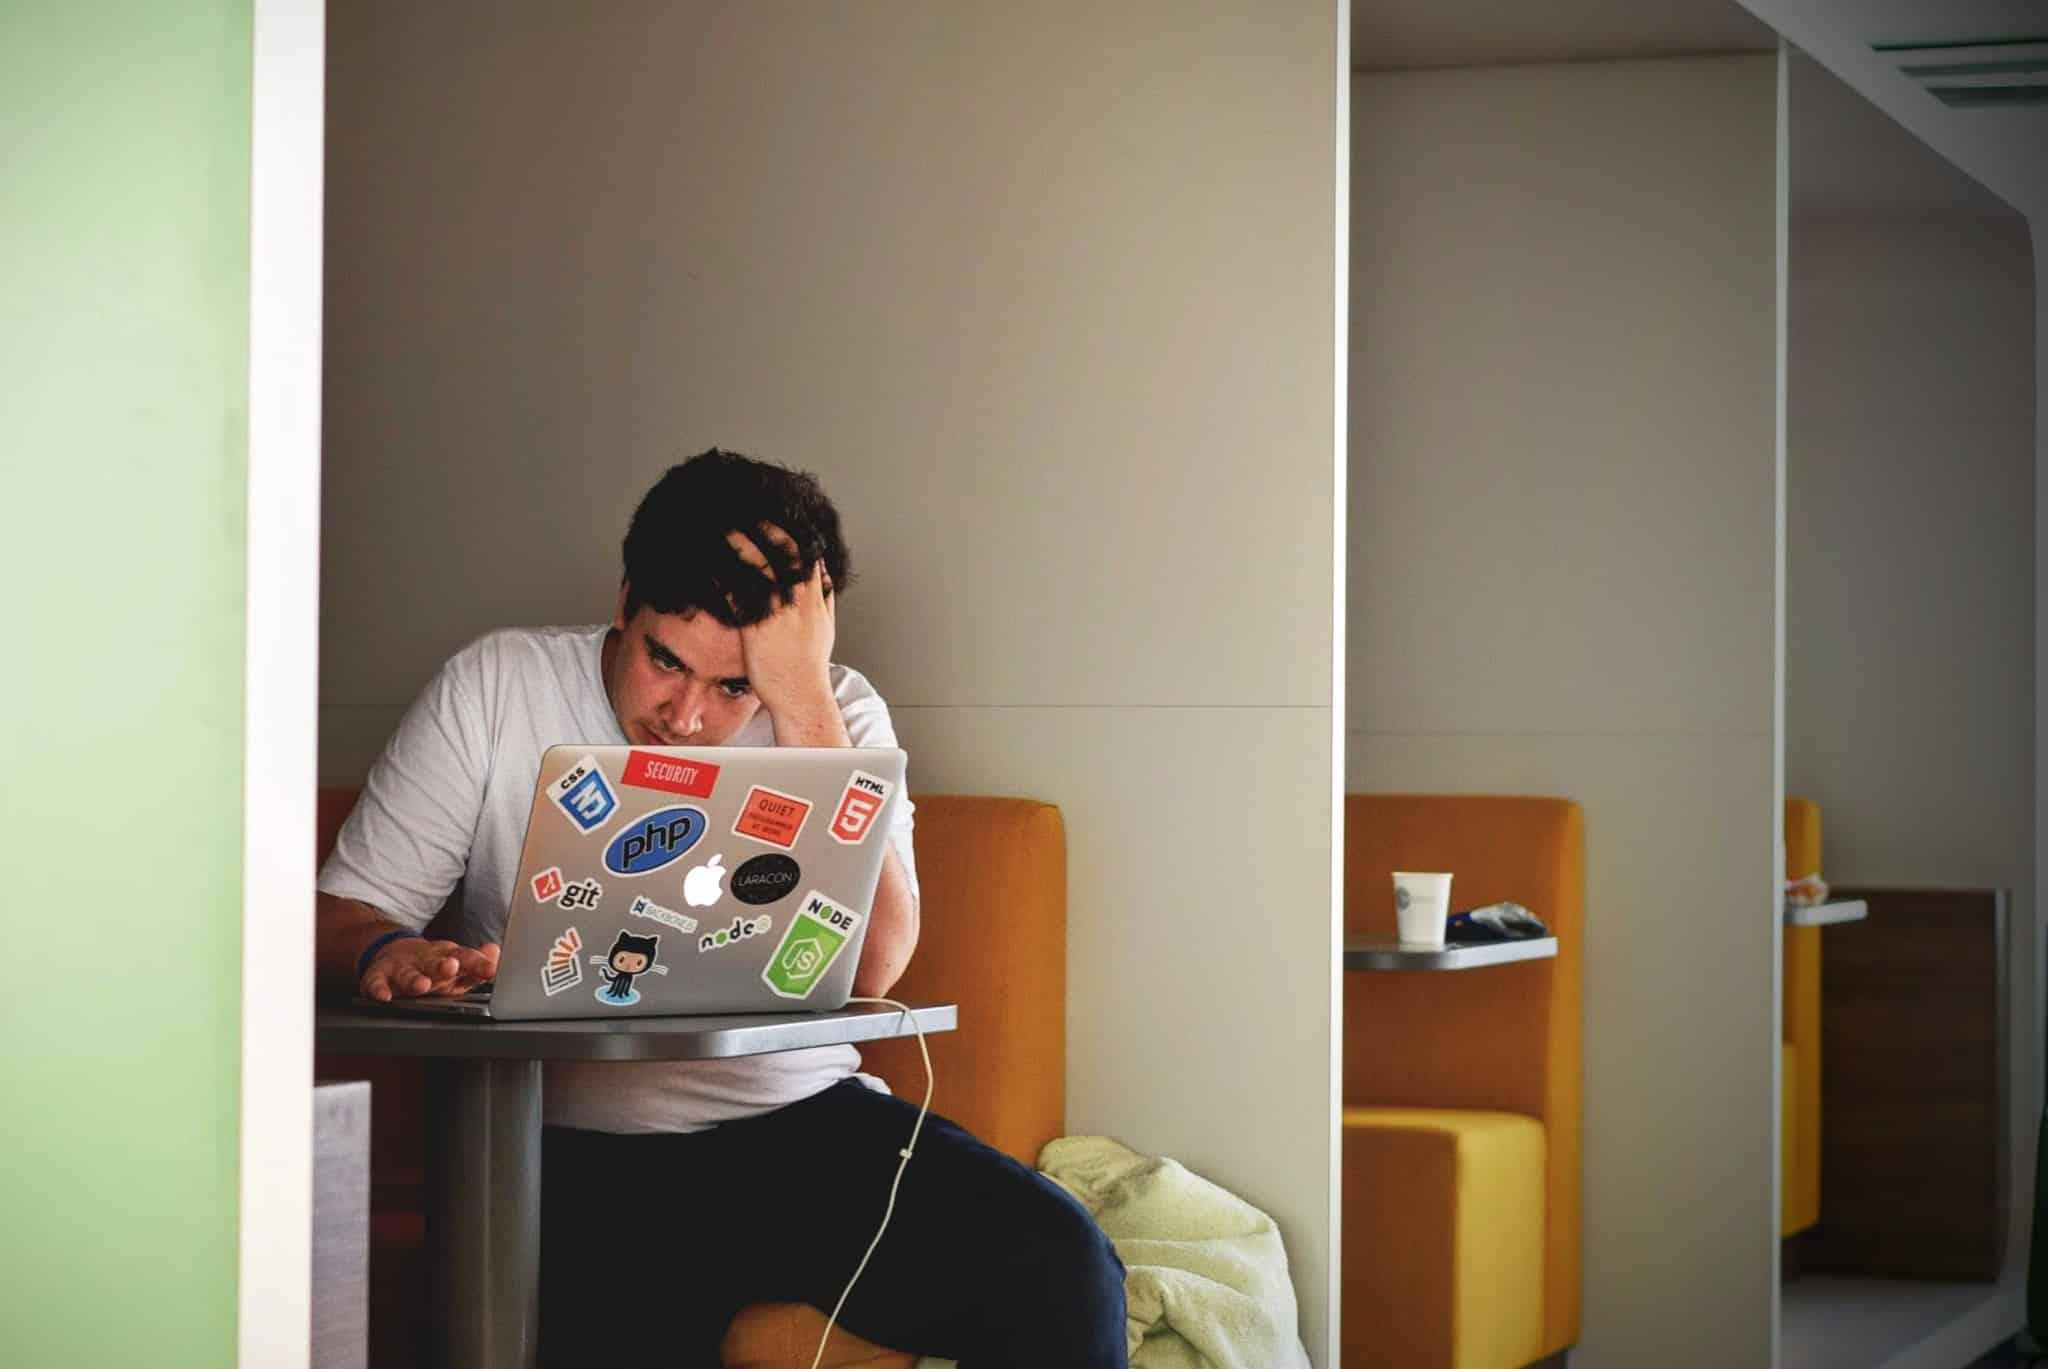 Fotografia de uma pessoa estressada